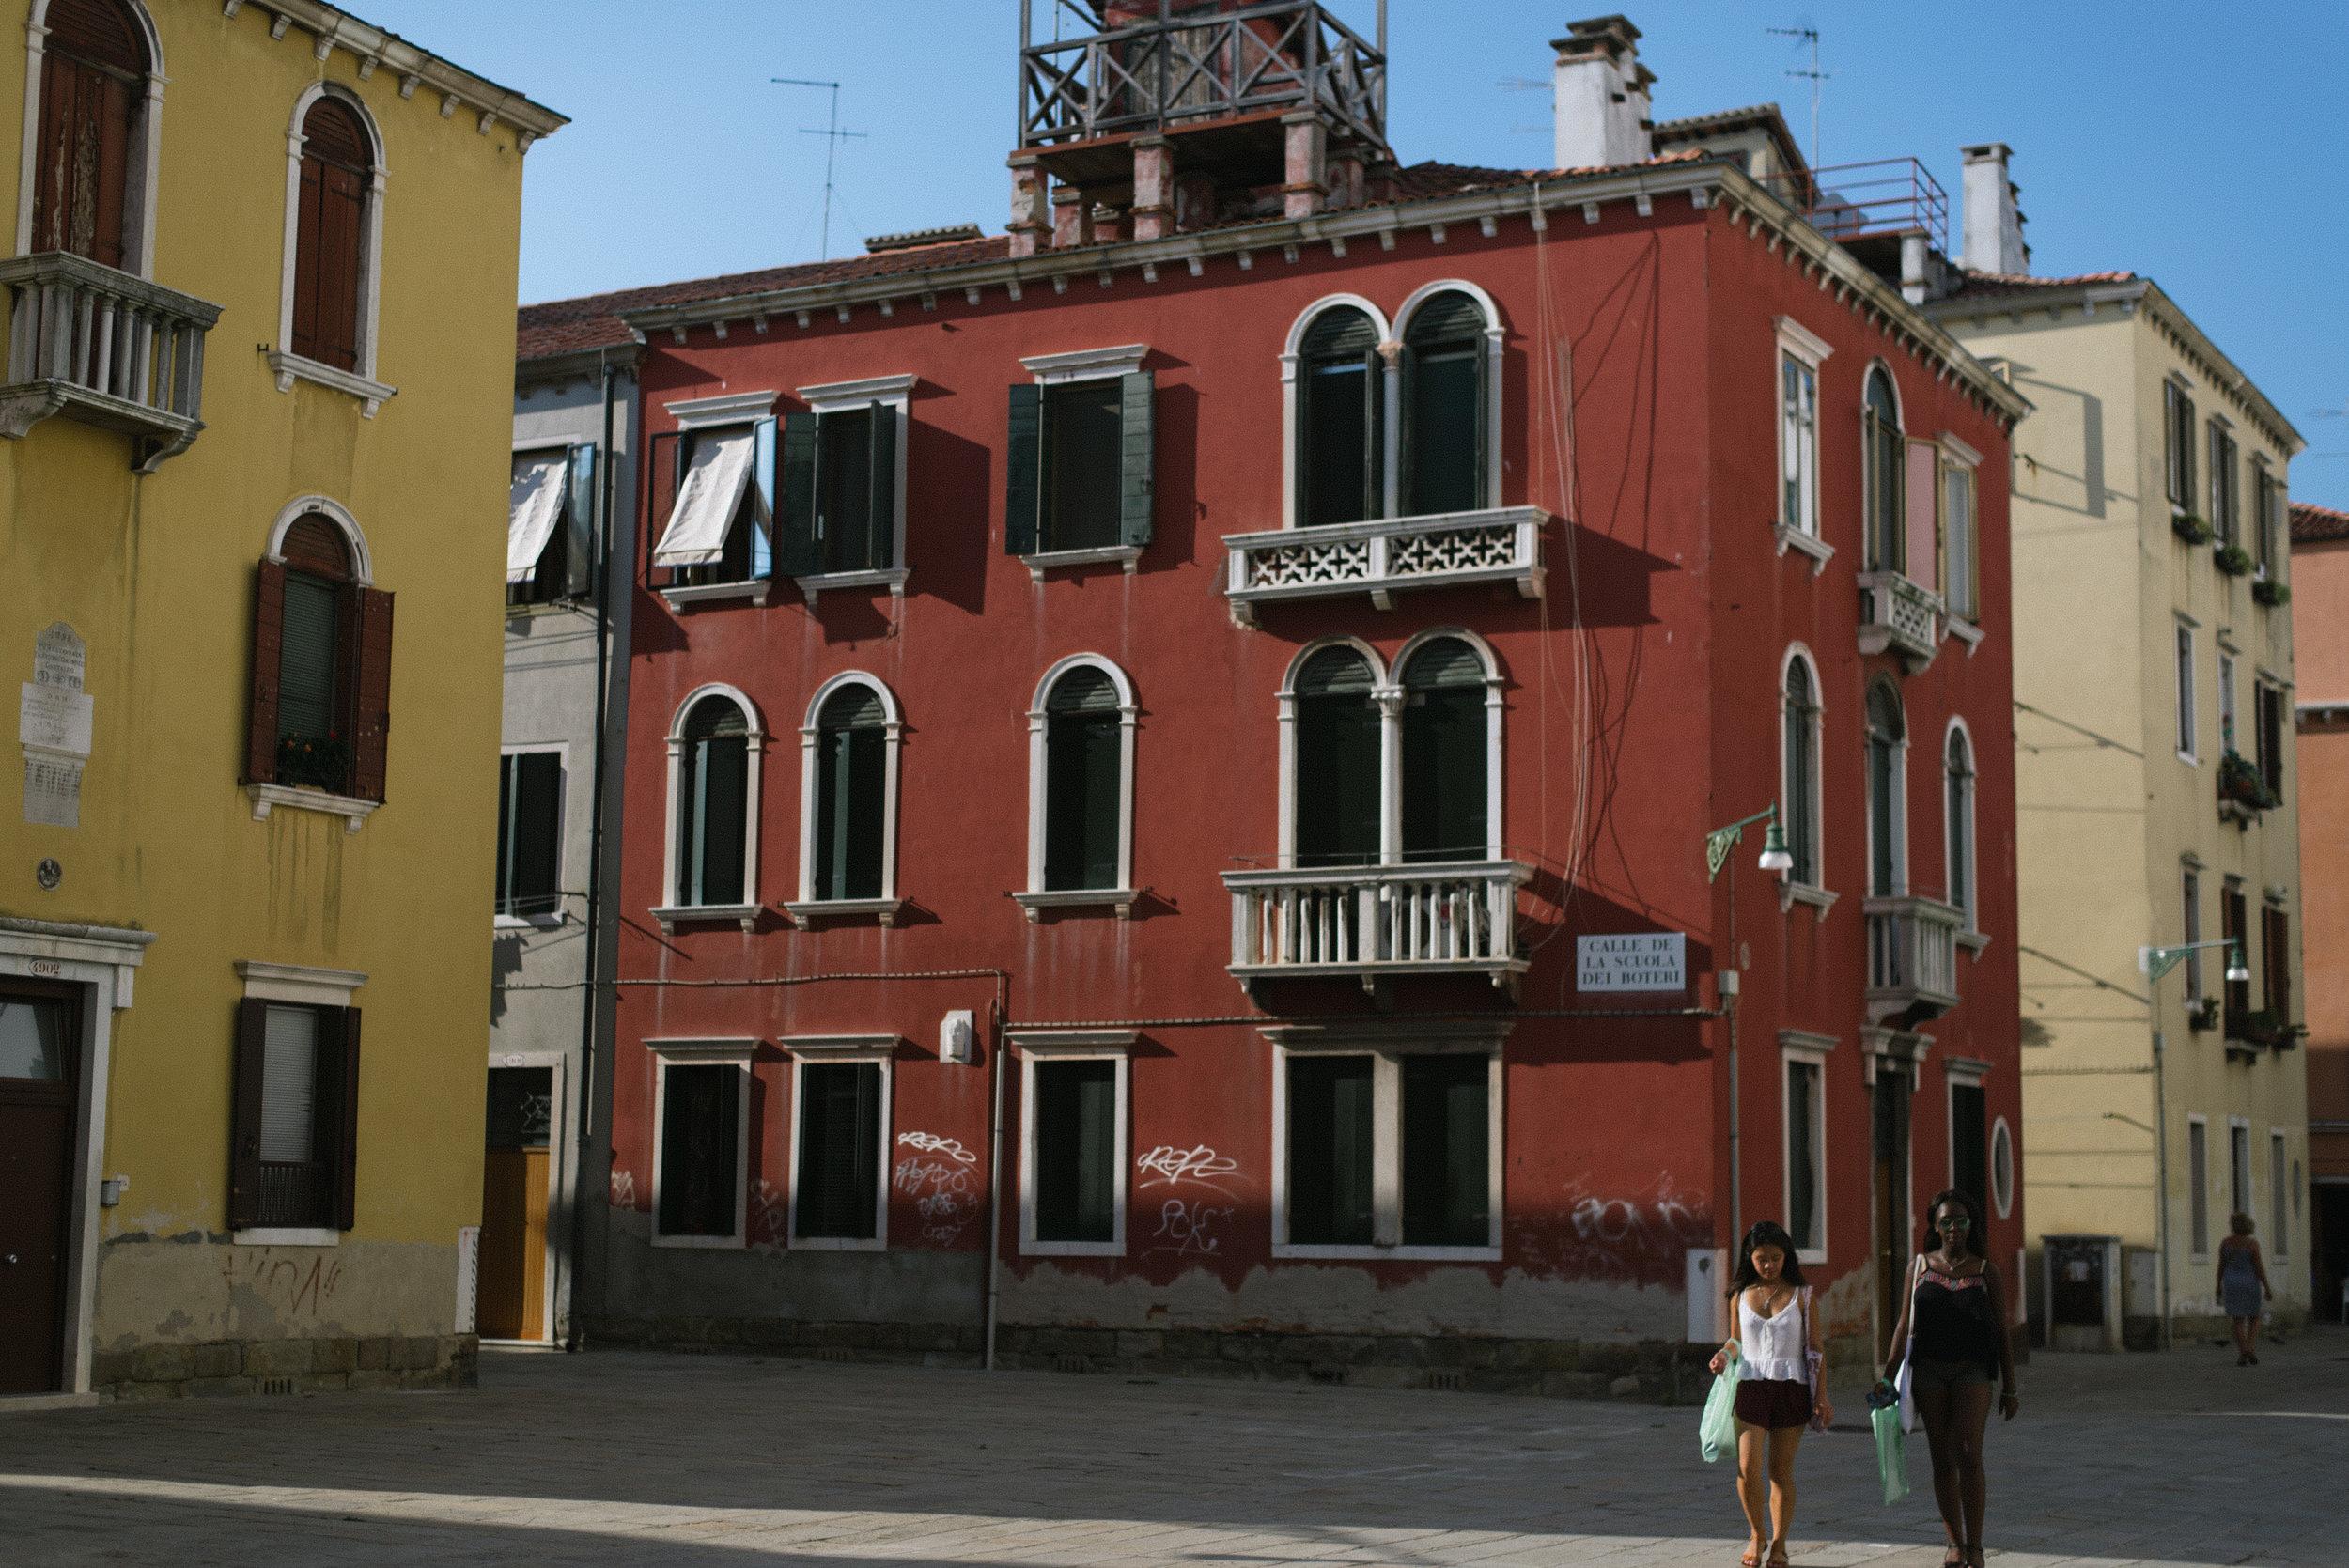 Venice-Italy-Europe-Travel